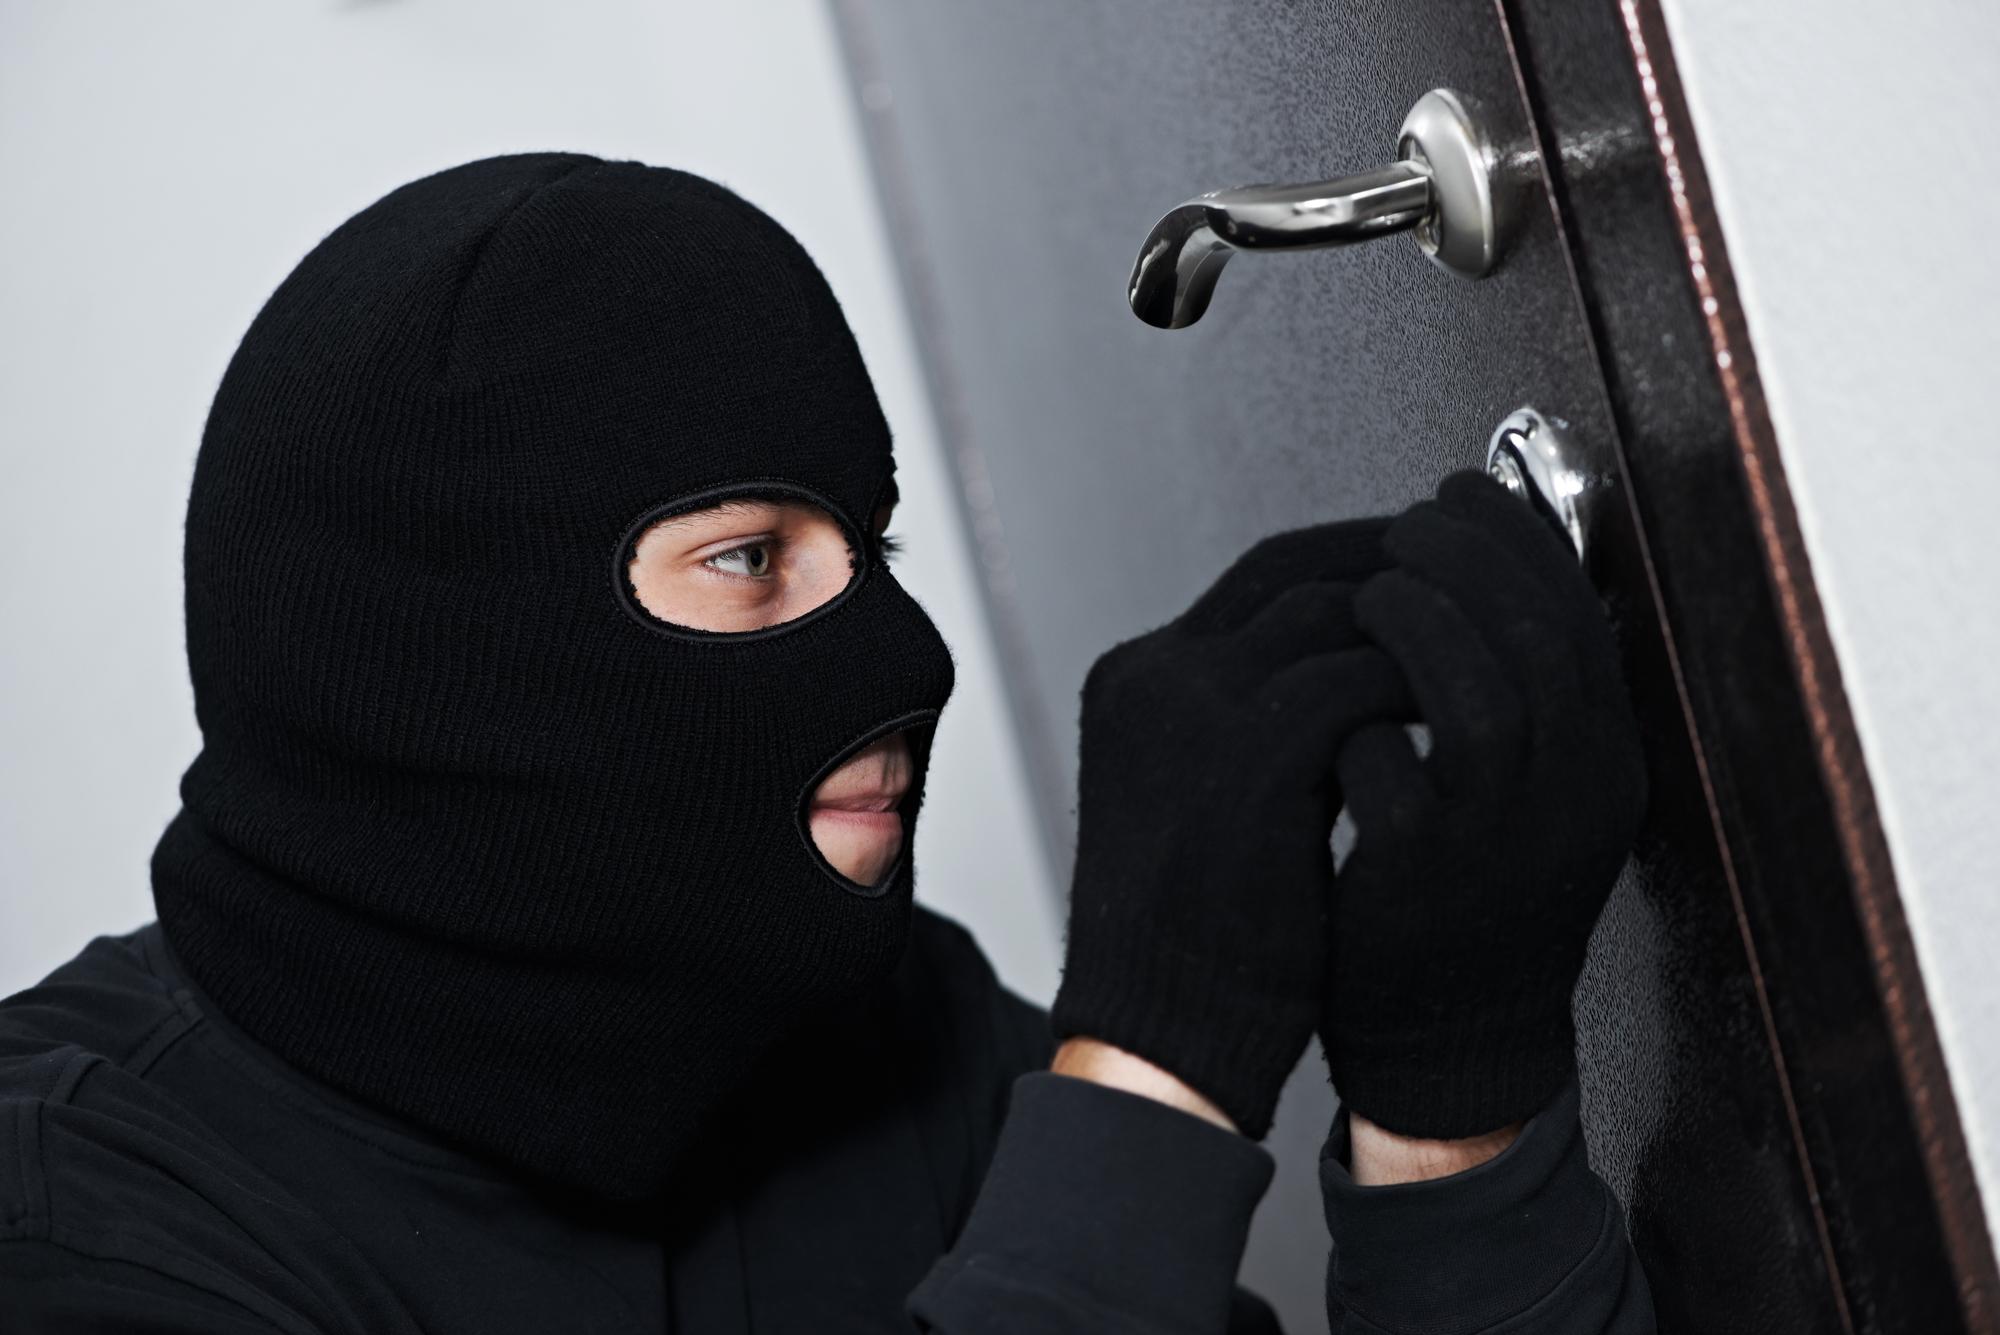 В Ленинском районе Донецка грабитель вынес из обменника 700 тыс. рублей. Видео